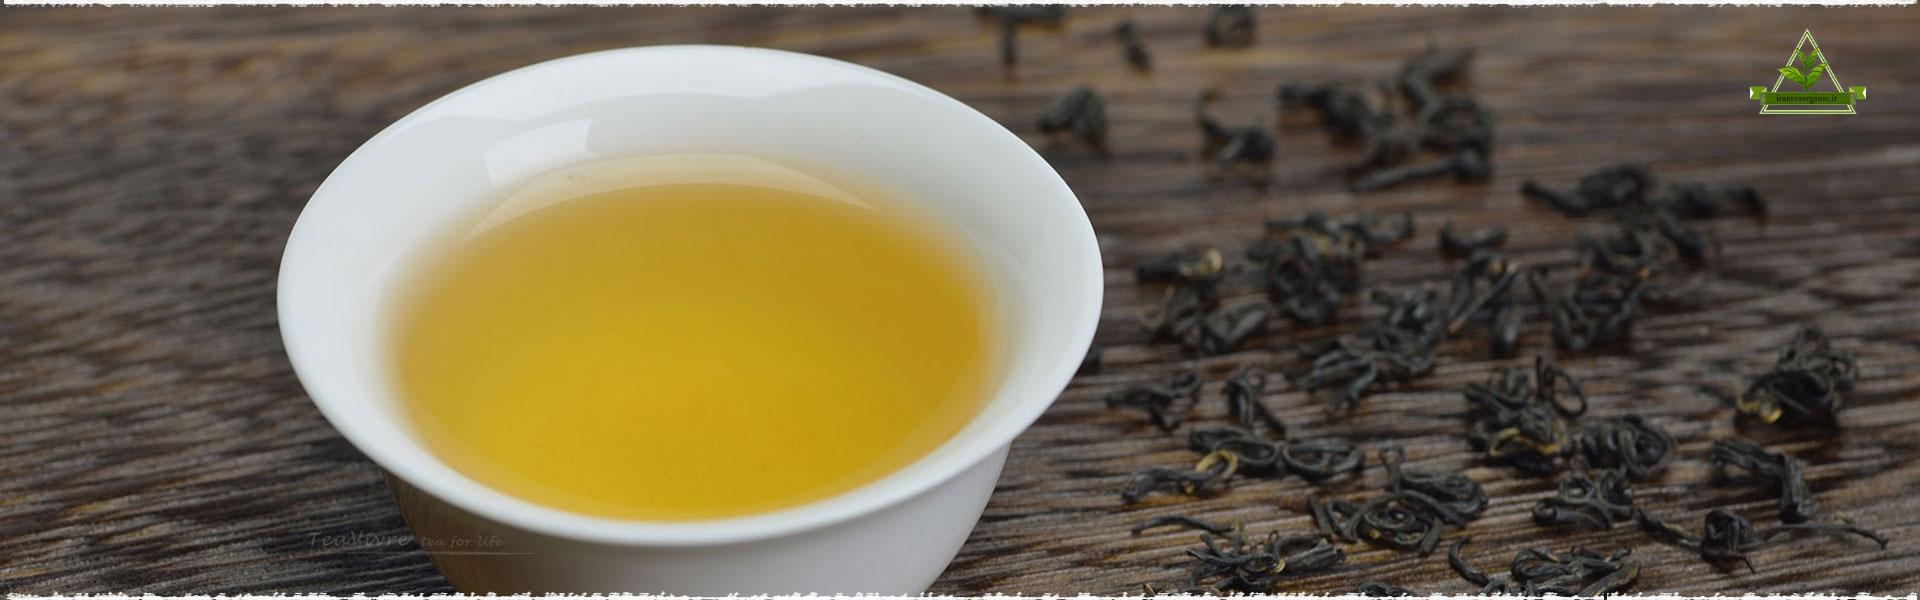 قیمت چای سیاه گیلان